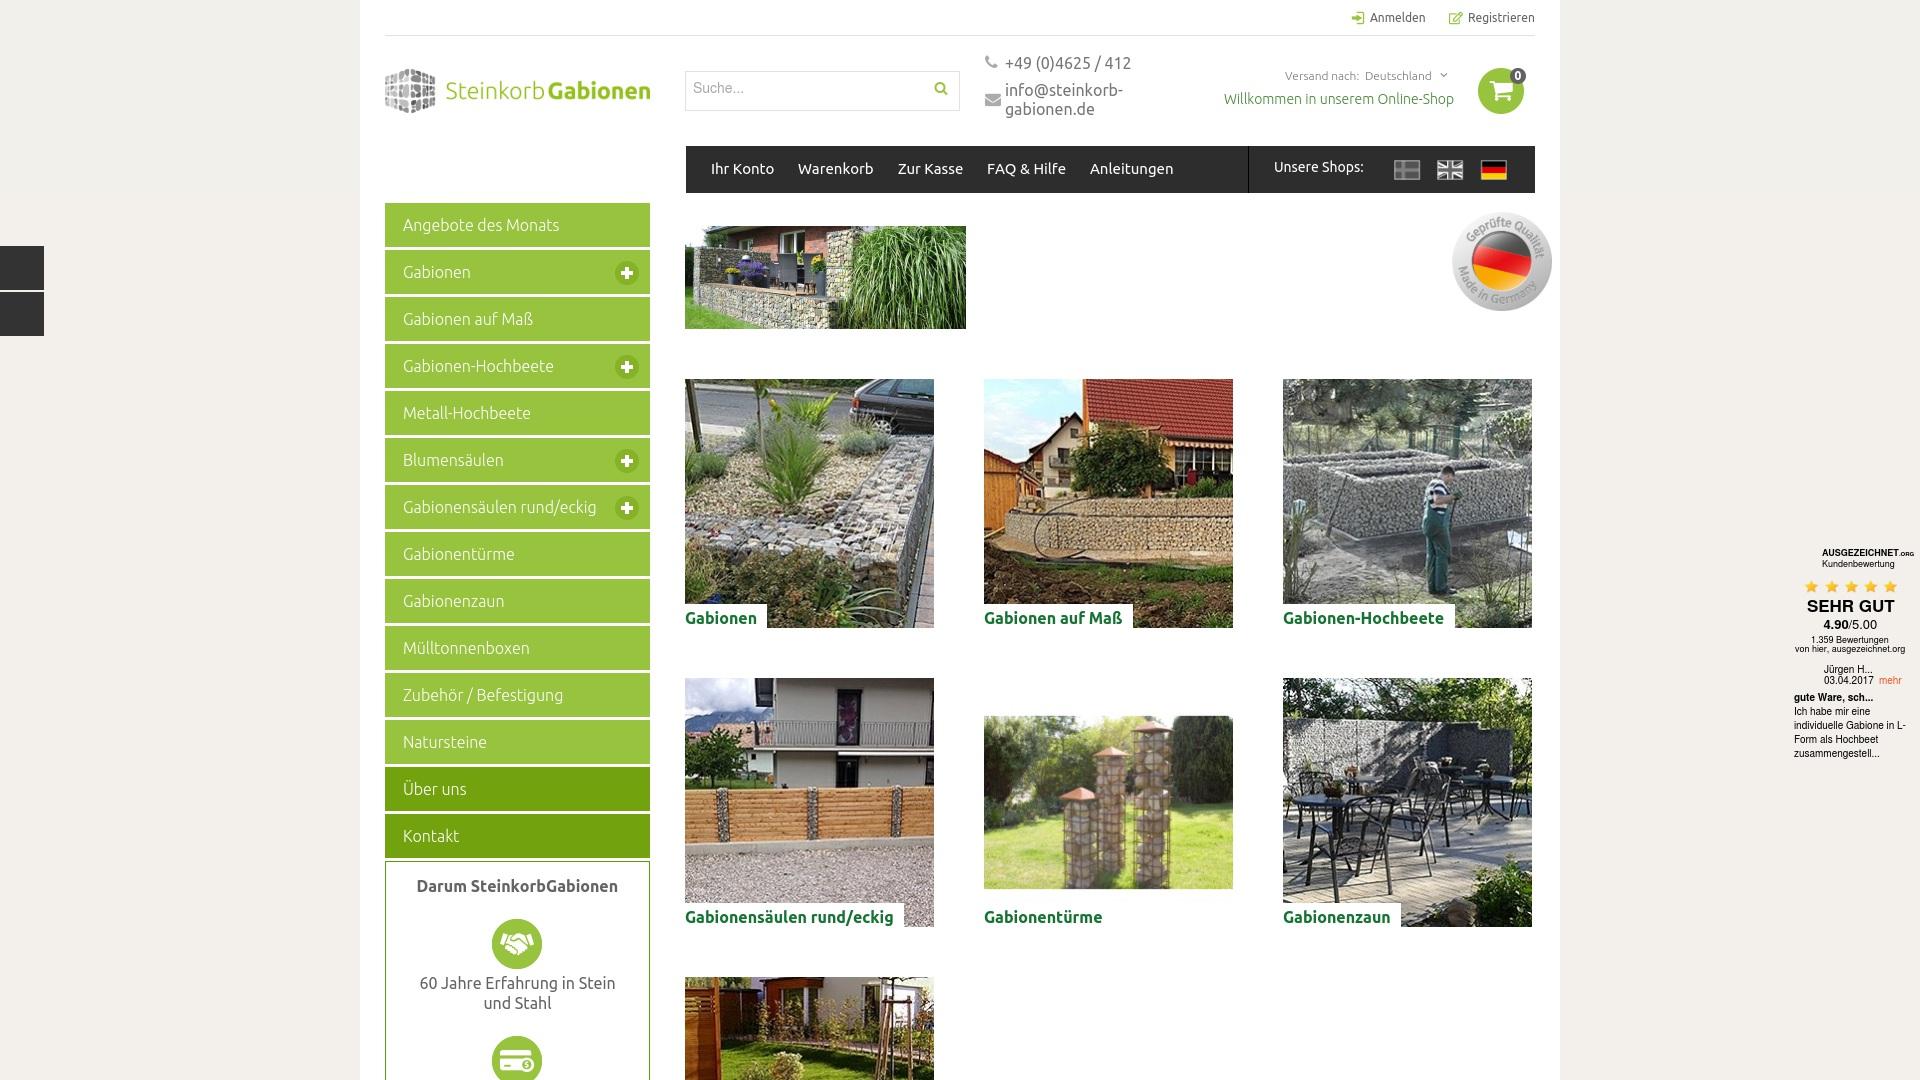 Gutschein für Steinkorb-gabionen: Rabatte für  Steinkorb-gabionen sichern